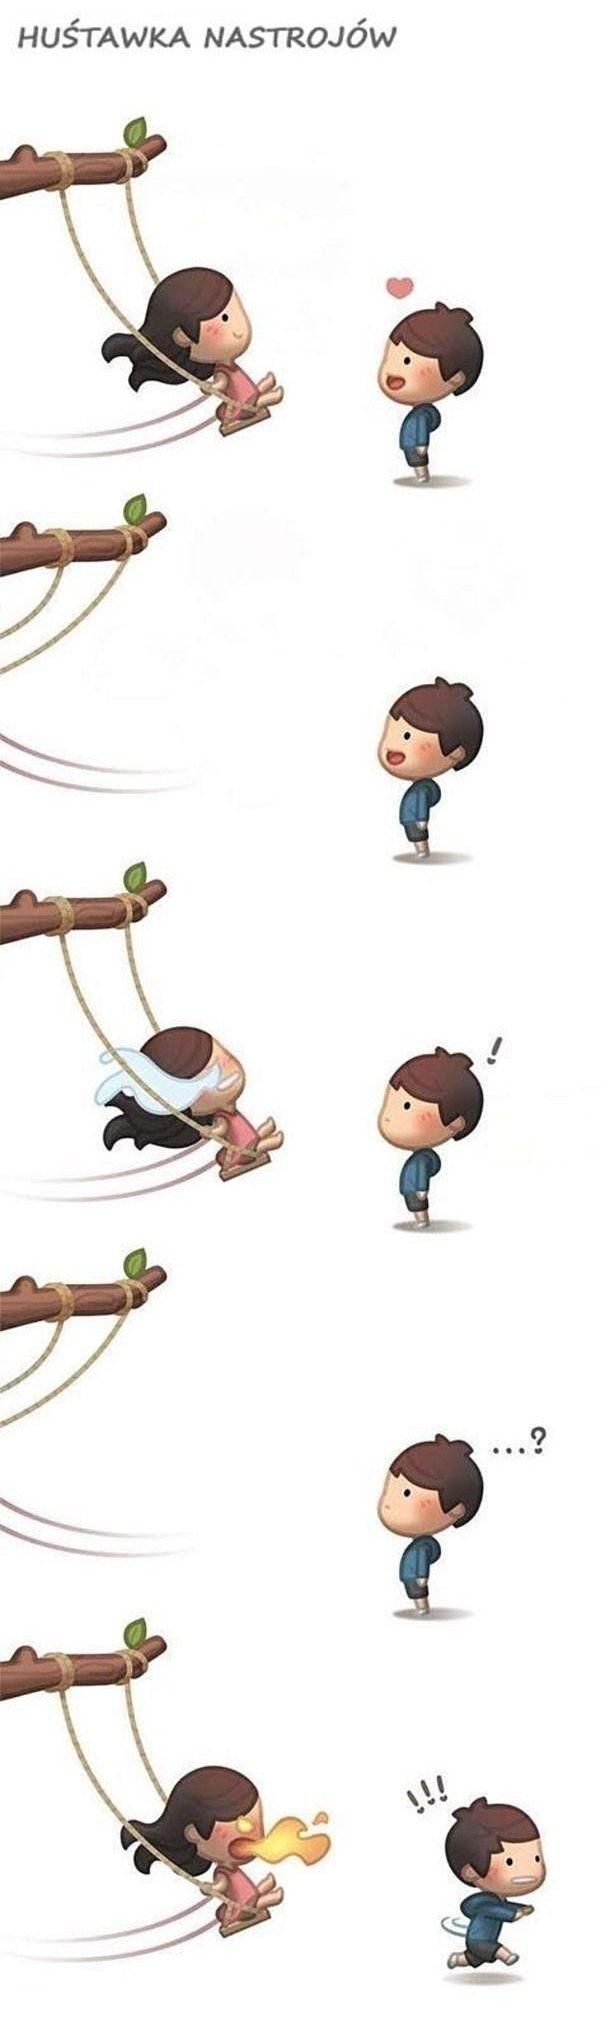 Huśtawka nastrojów